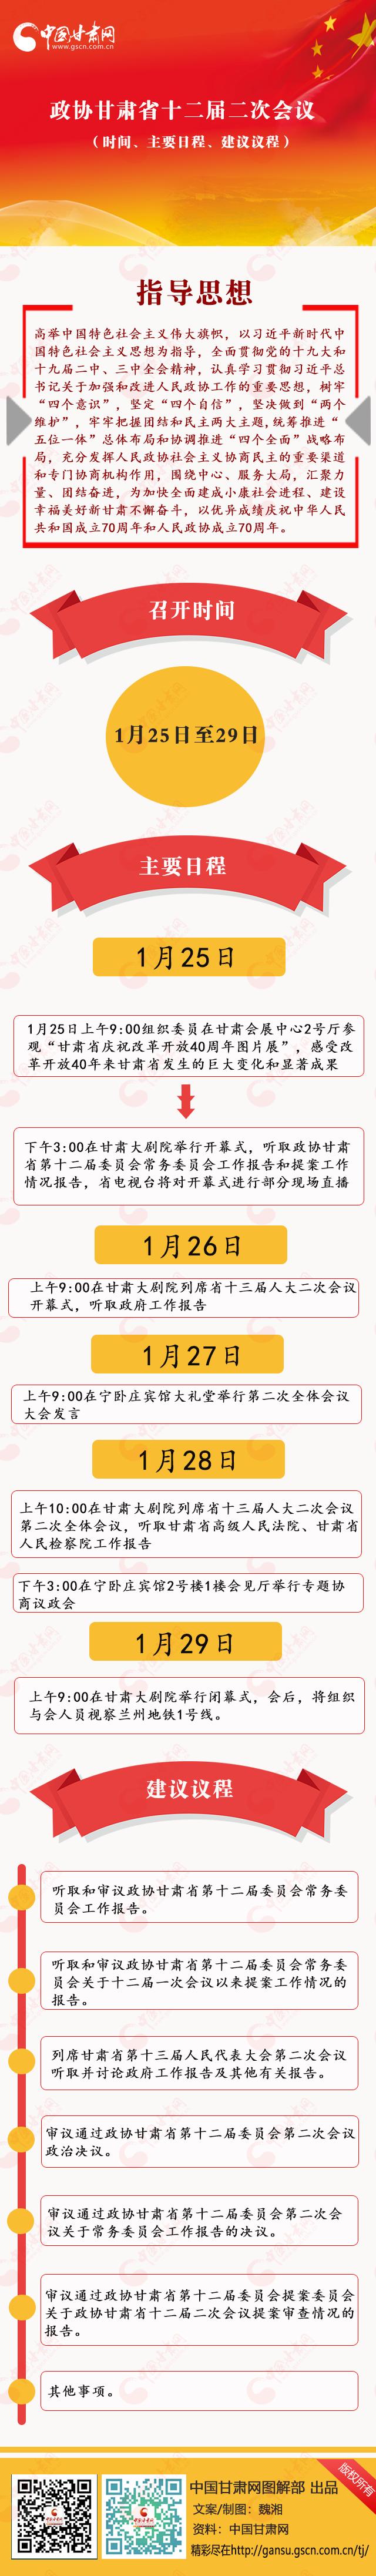 图解:政协甘肃省十二届二次会议(时间、主要日程)